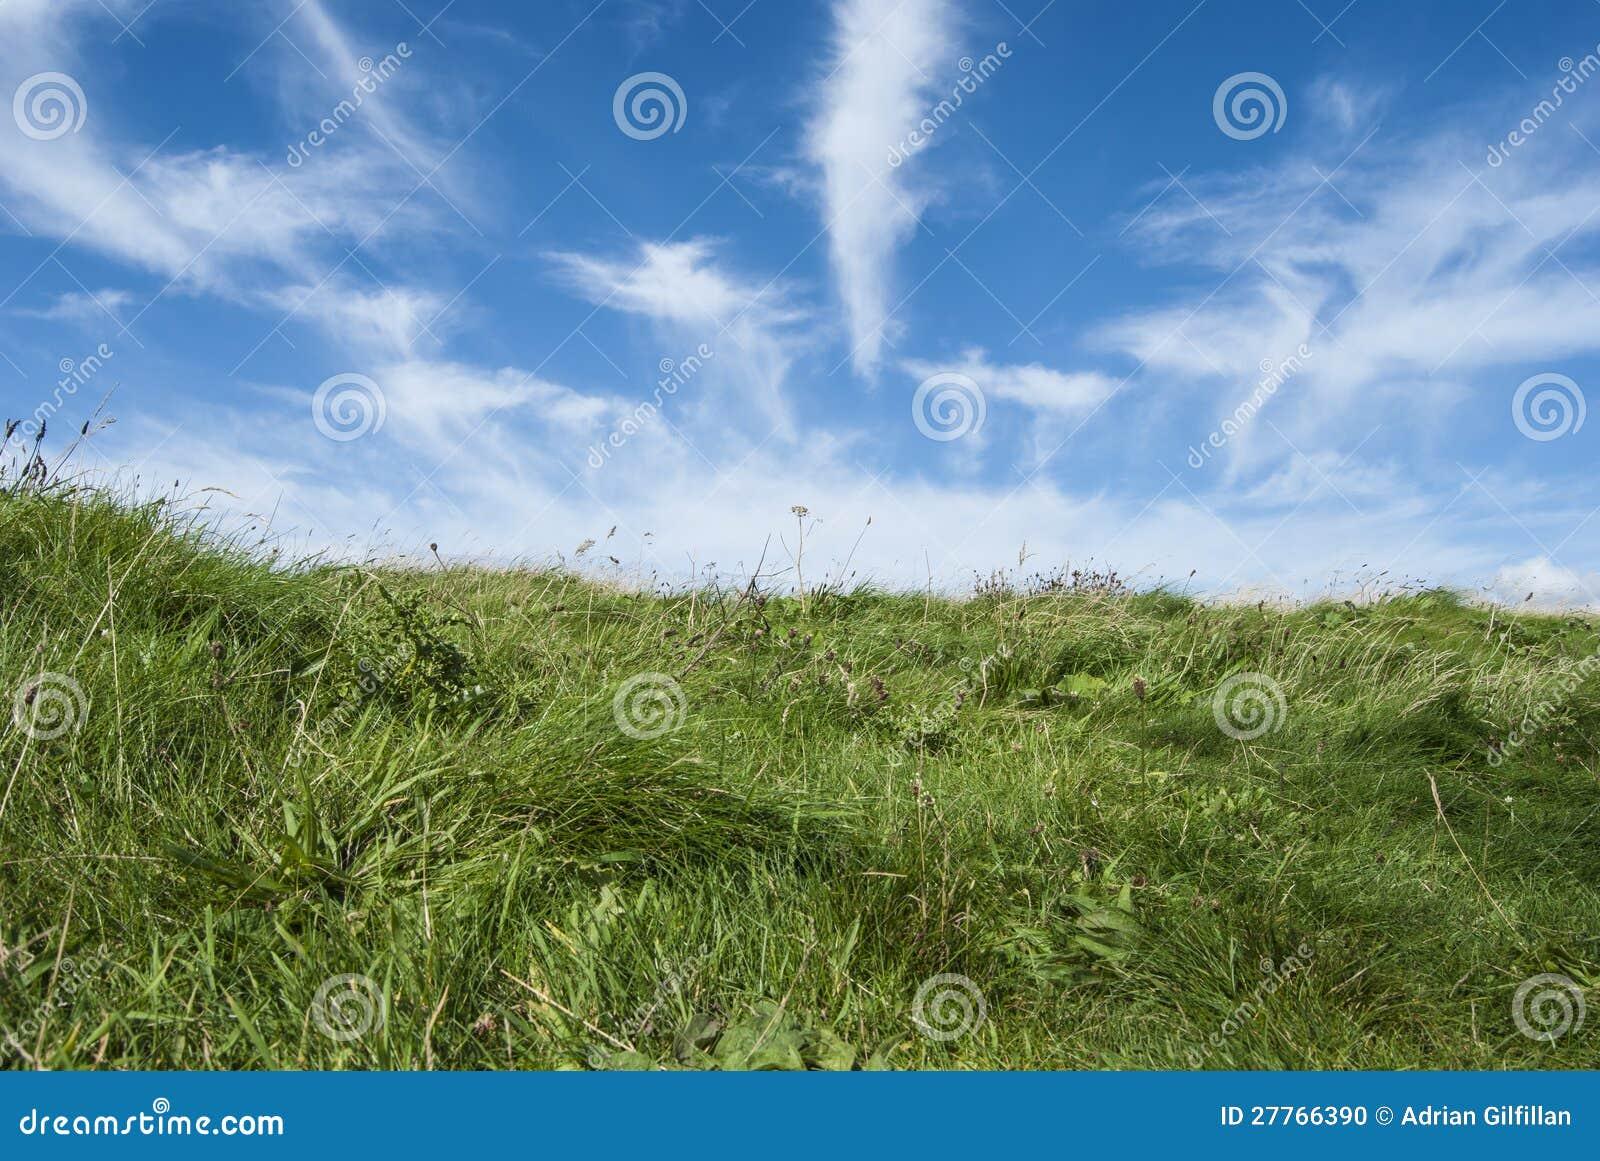 Zones de vert